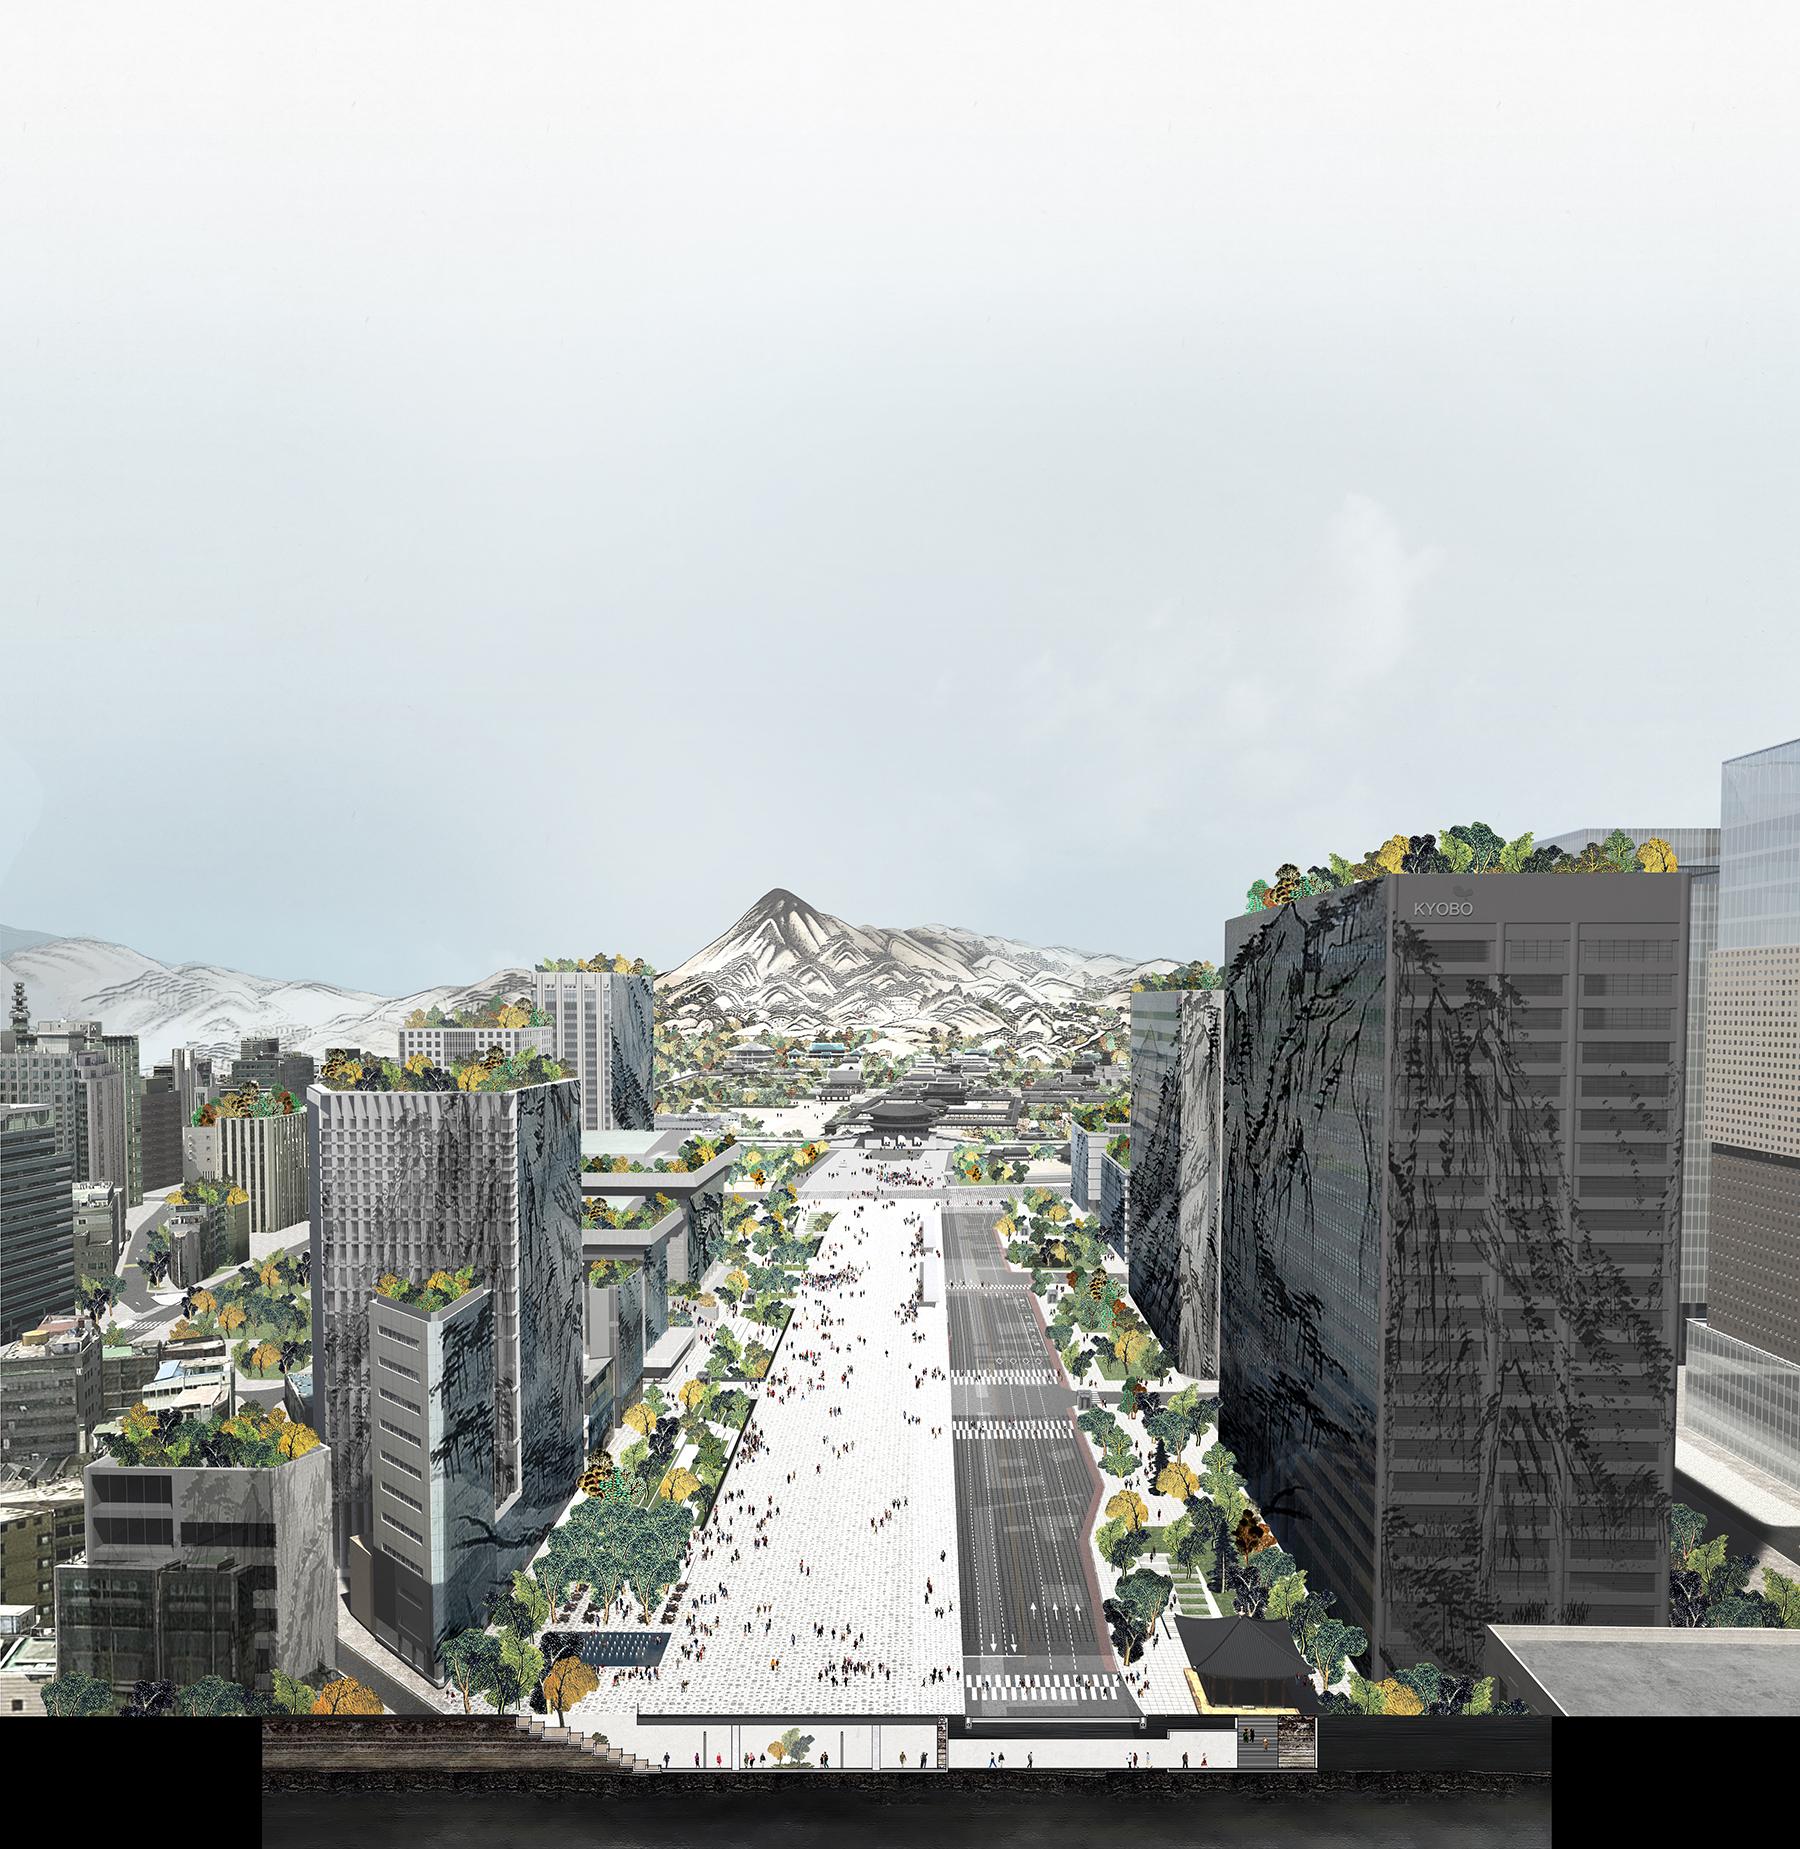 새로운 광화문광장 조성 설계공모